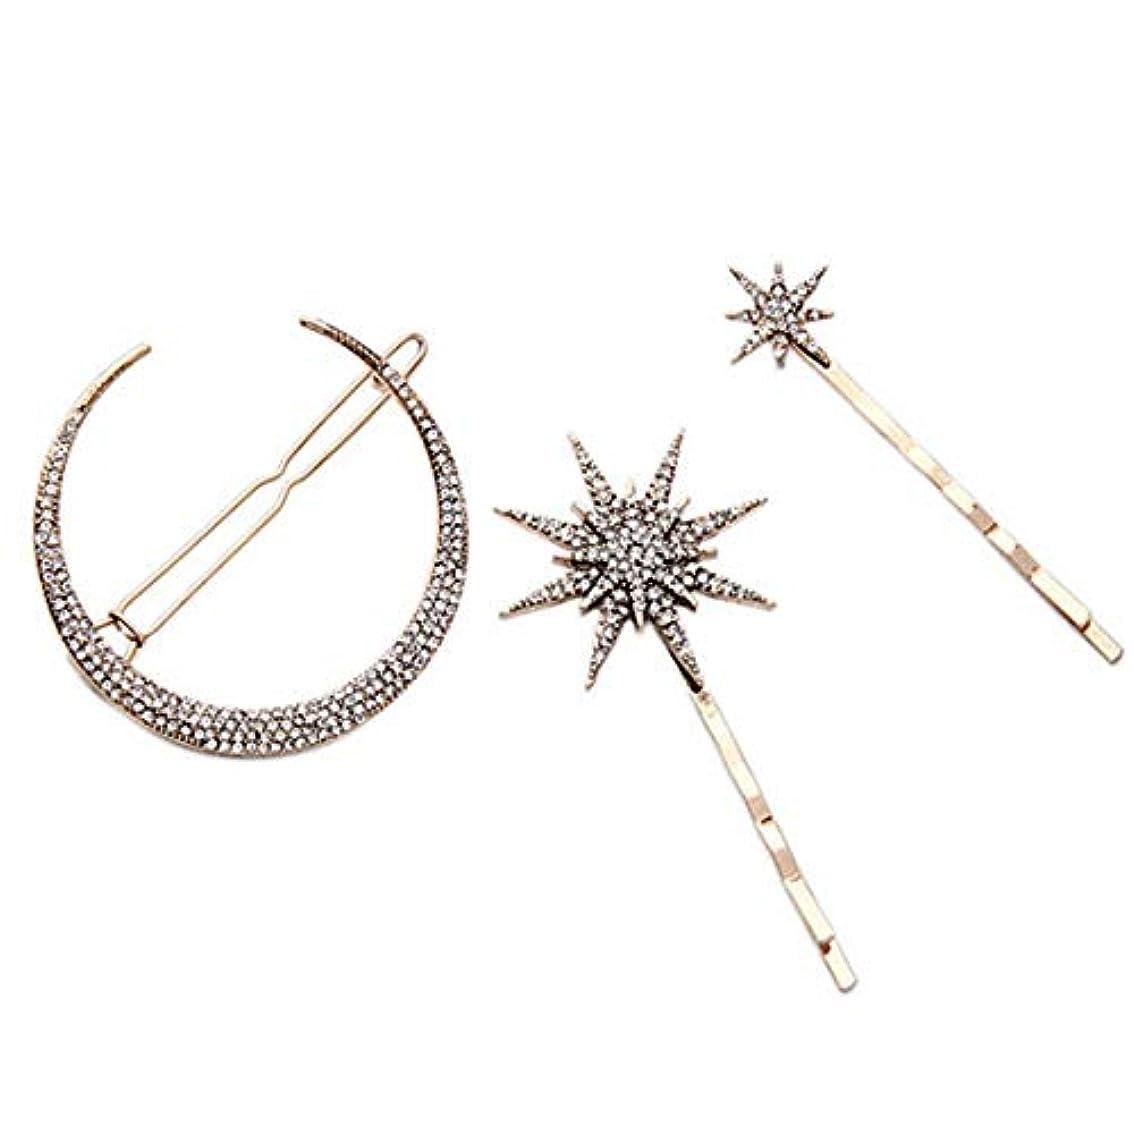 実装するばかげているコンパクト3ピースファッション幾何スタームーン模造ダイヤモンドヘアピンヘアアクセサリー女性ヘアクリップツール